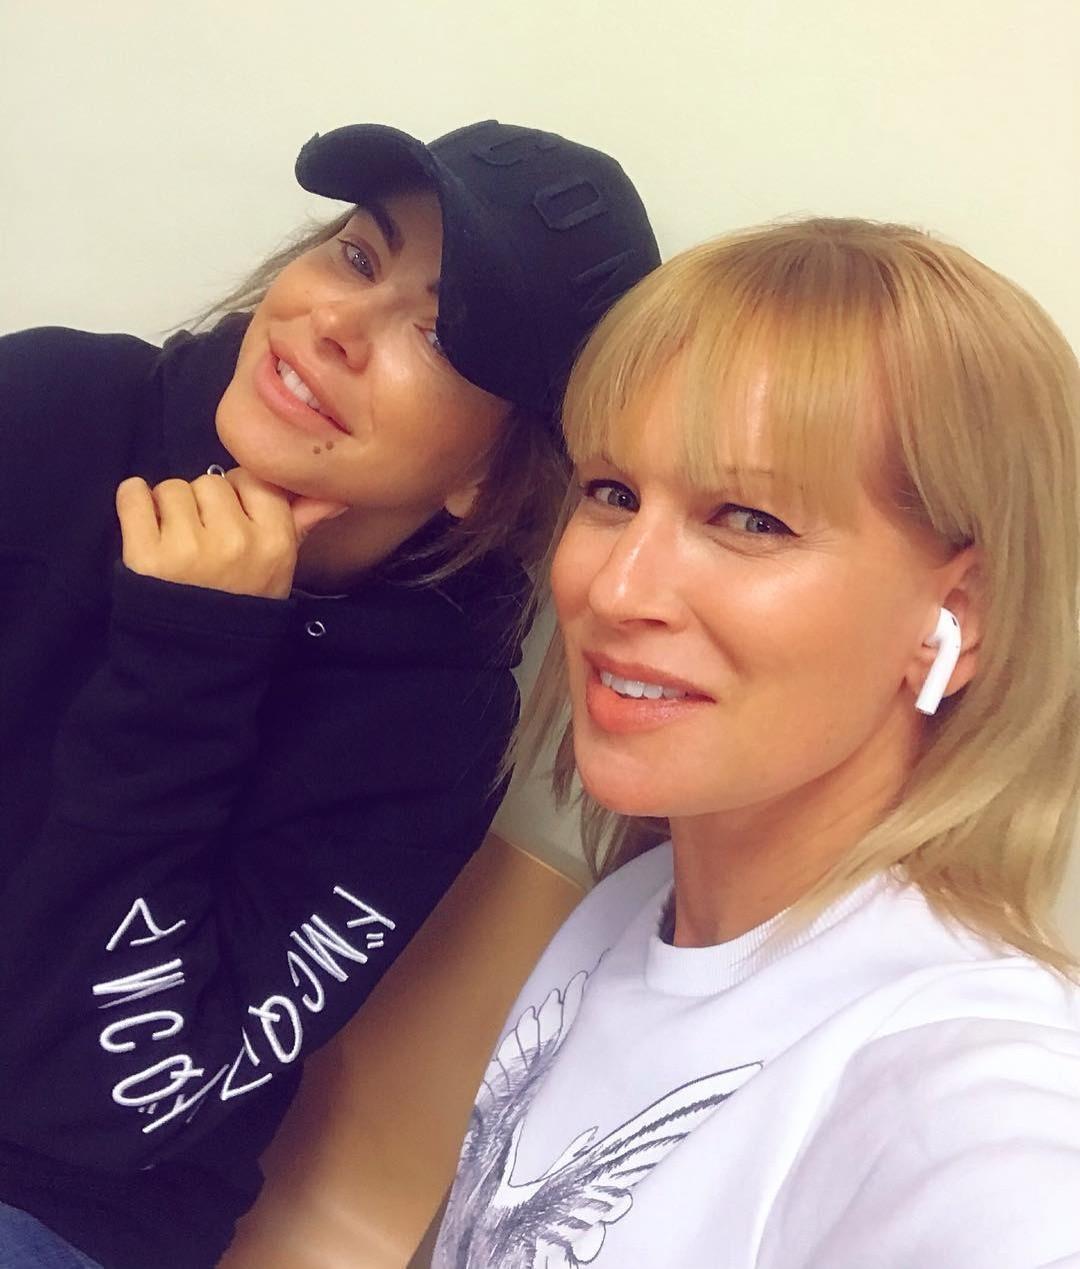 Олеся Судзиловсккая и Ани Лорак выложили совместное селфи без макияжа